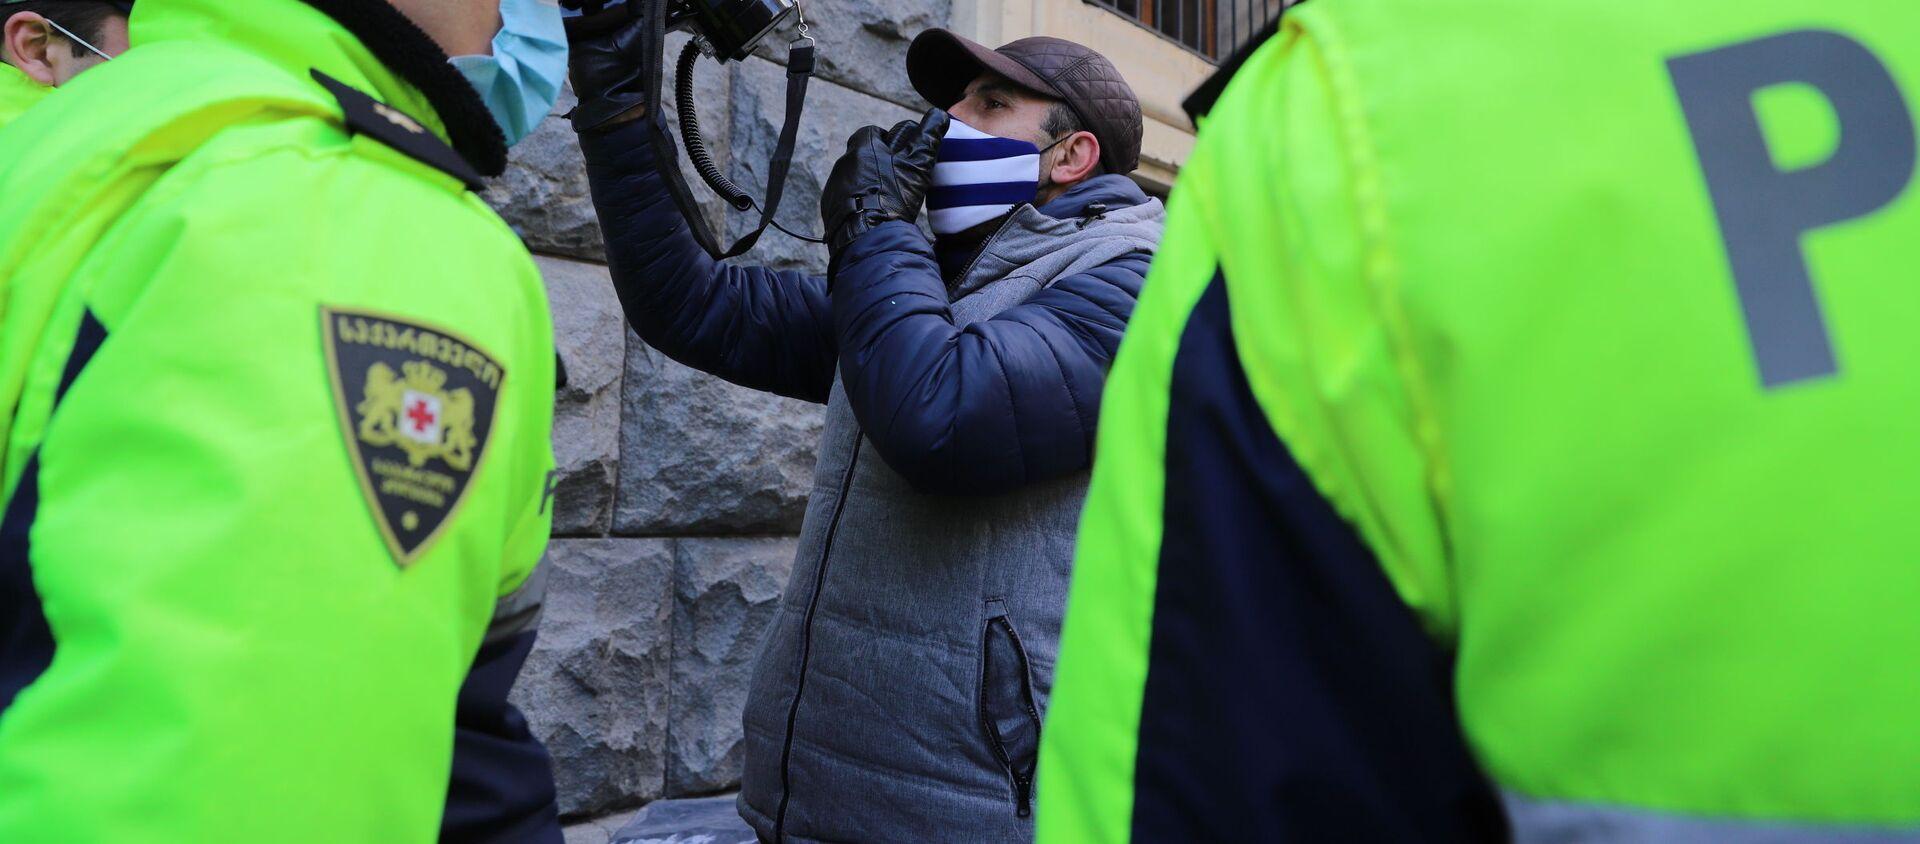 Оппозиция и полиция у ворот, куда заезжают правительственные машины. Заседание парламента Грузии 24 декабря 2020 год - Sputnik Грузия, 1920, 08.01.2021